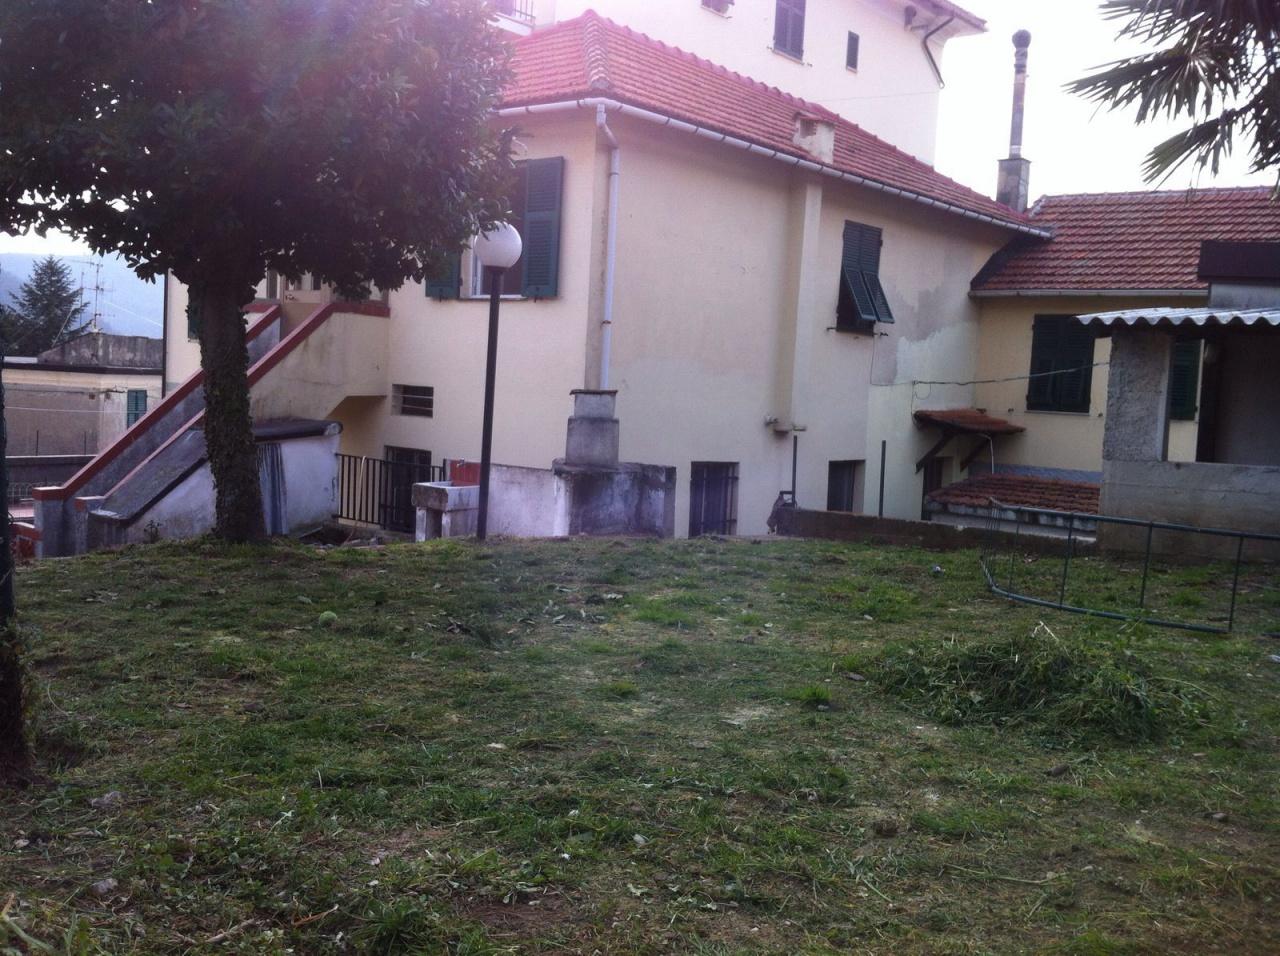 Soluzione Semindipendente in vendita a Sant'Olcese, 8 locali, Trattative riservate | Cambio Casa.it